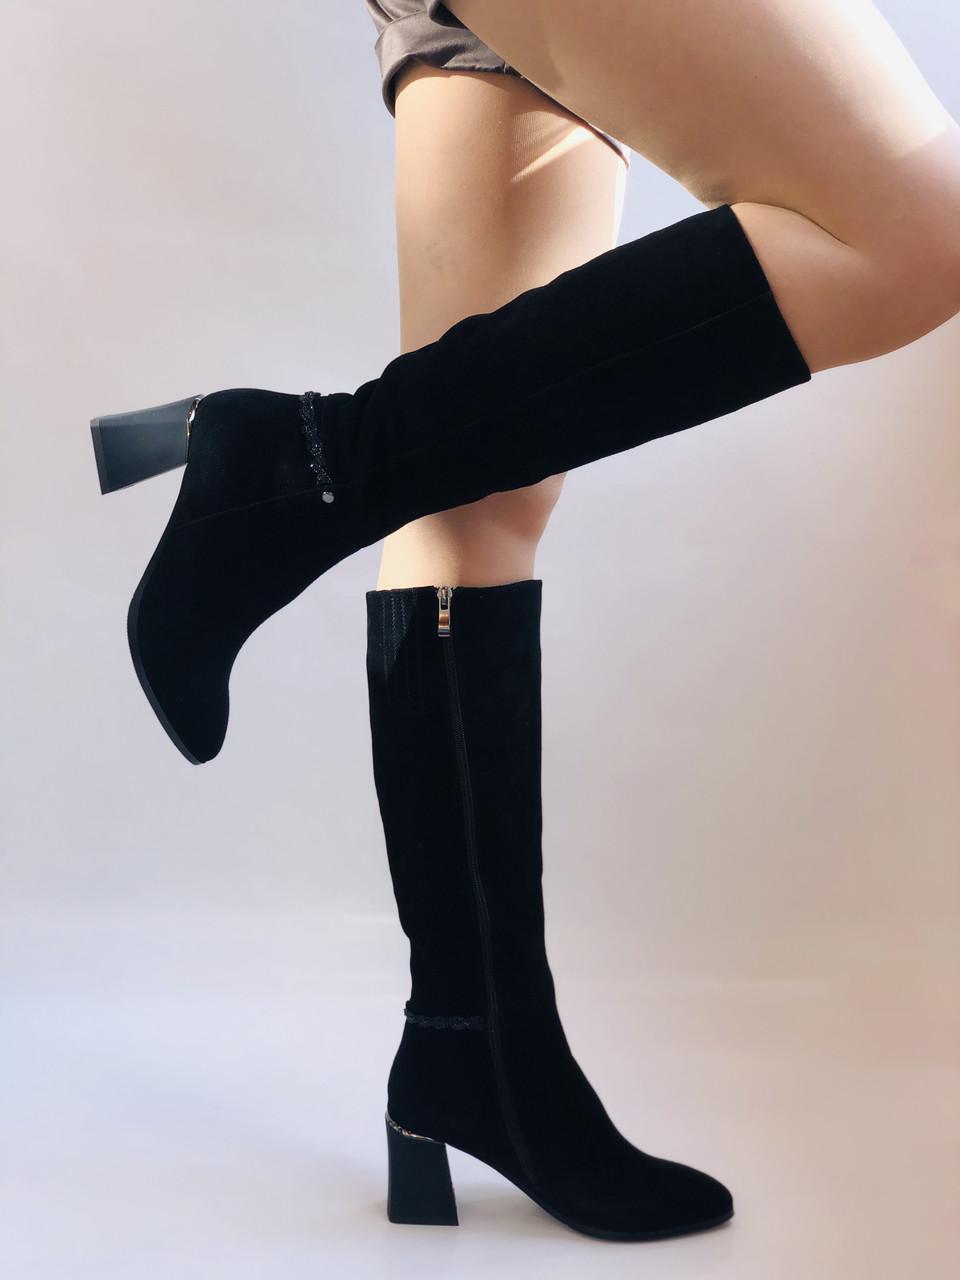 Жіночі осінньо-весняні чобітки на середньому каблуці. Натуральна замша. Nadi Bella. Р. 35, 36, 37, 38, 40